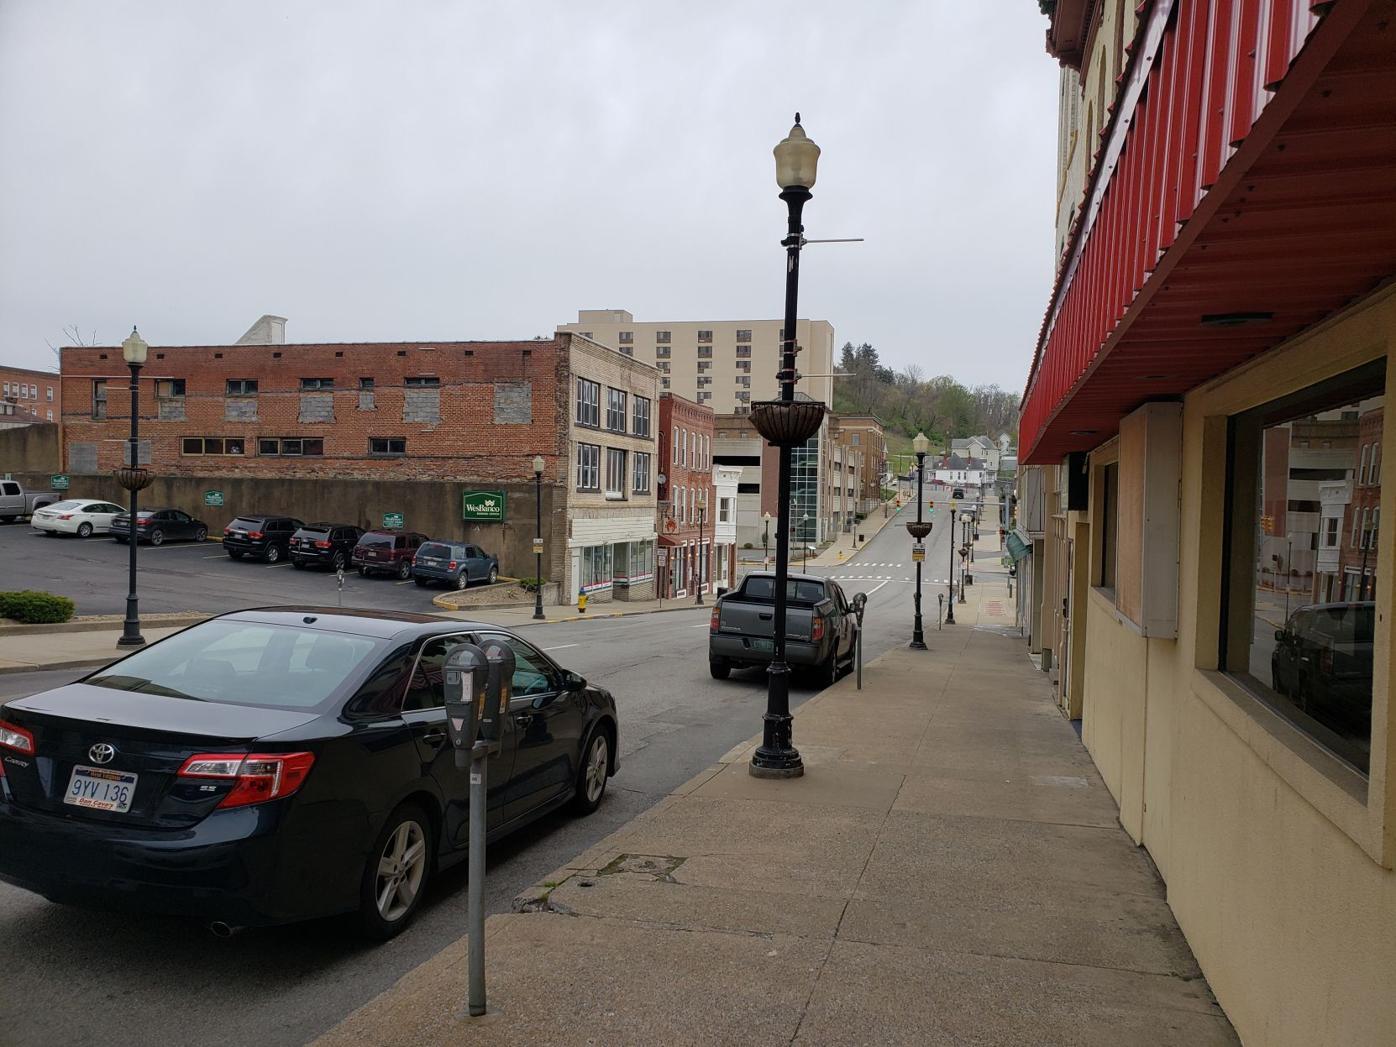 Downtown Fairmont - April 2020